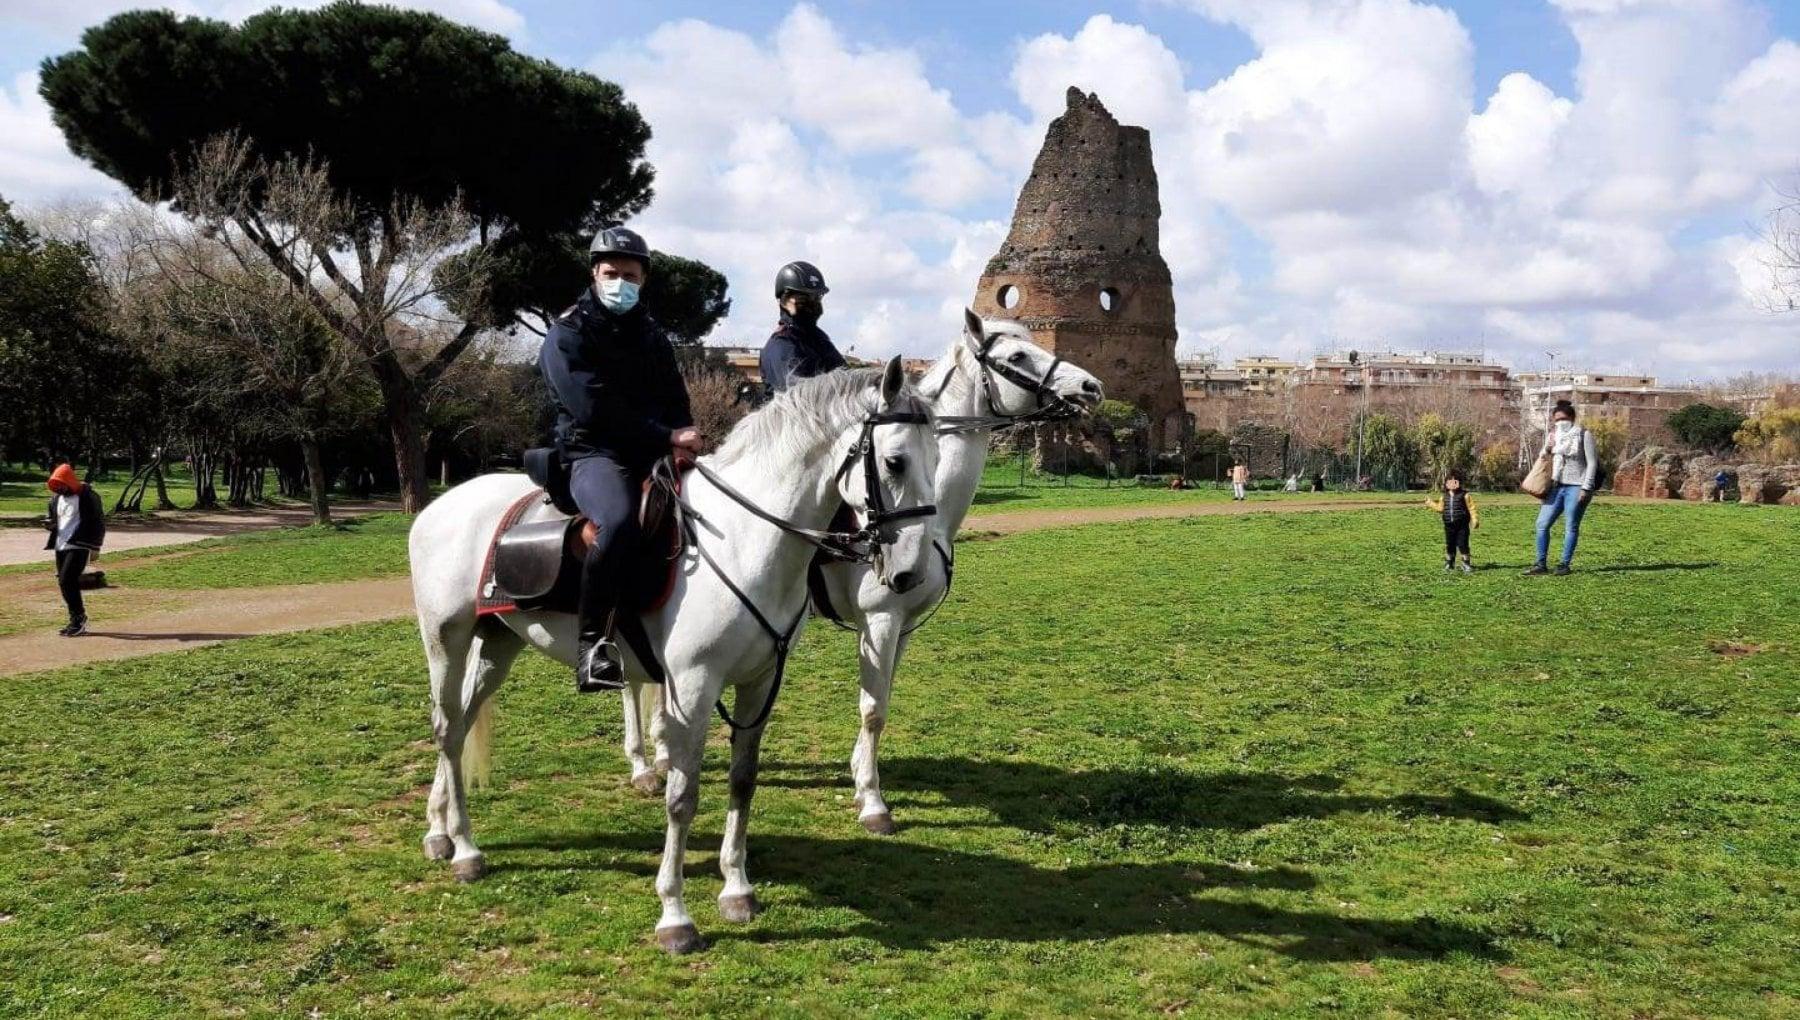 232857746 a7896424 efb5 4847 8723 47232318dc63 - Sport al parco sì, ma solo vicino a casa: le regole dell'Italia in rosso